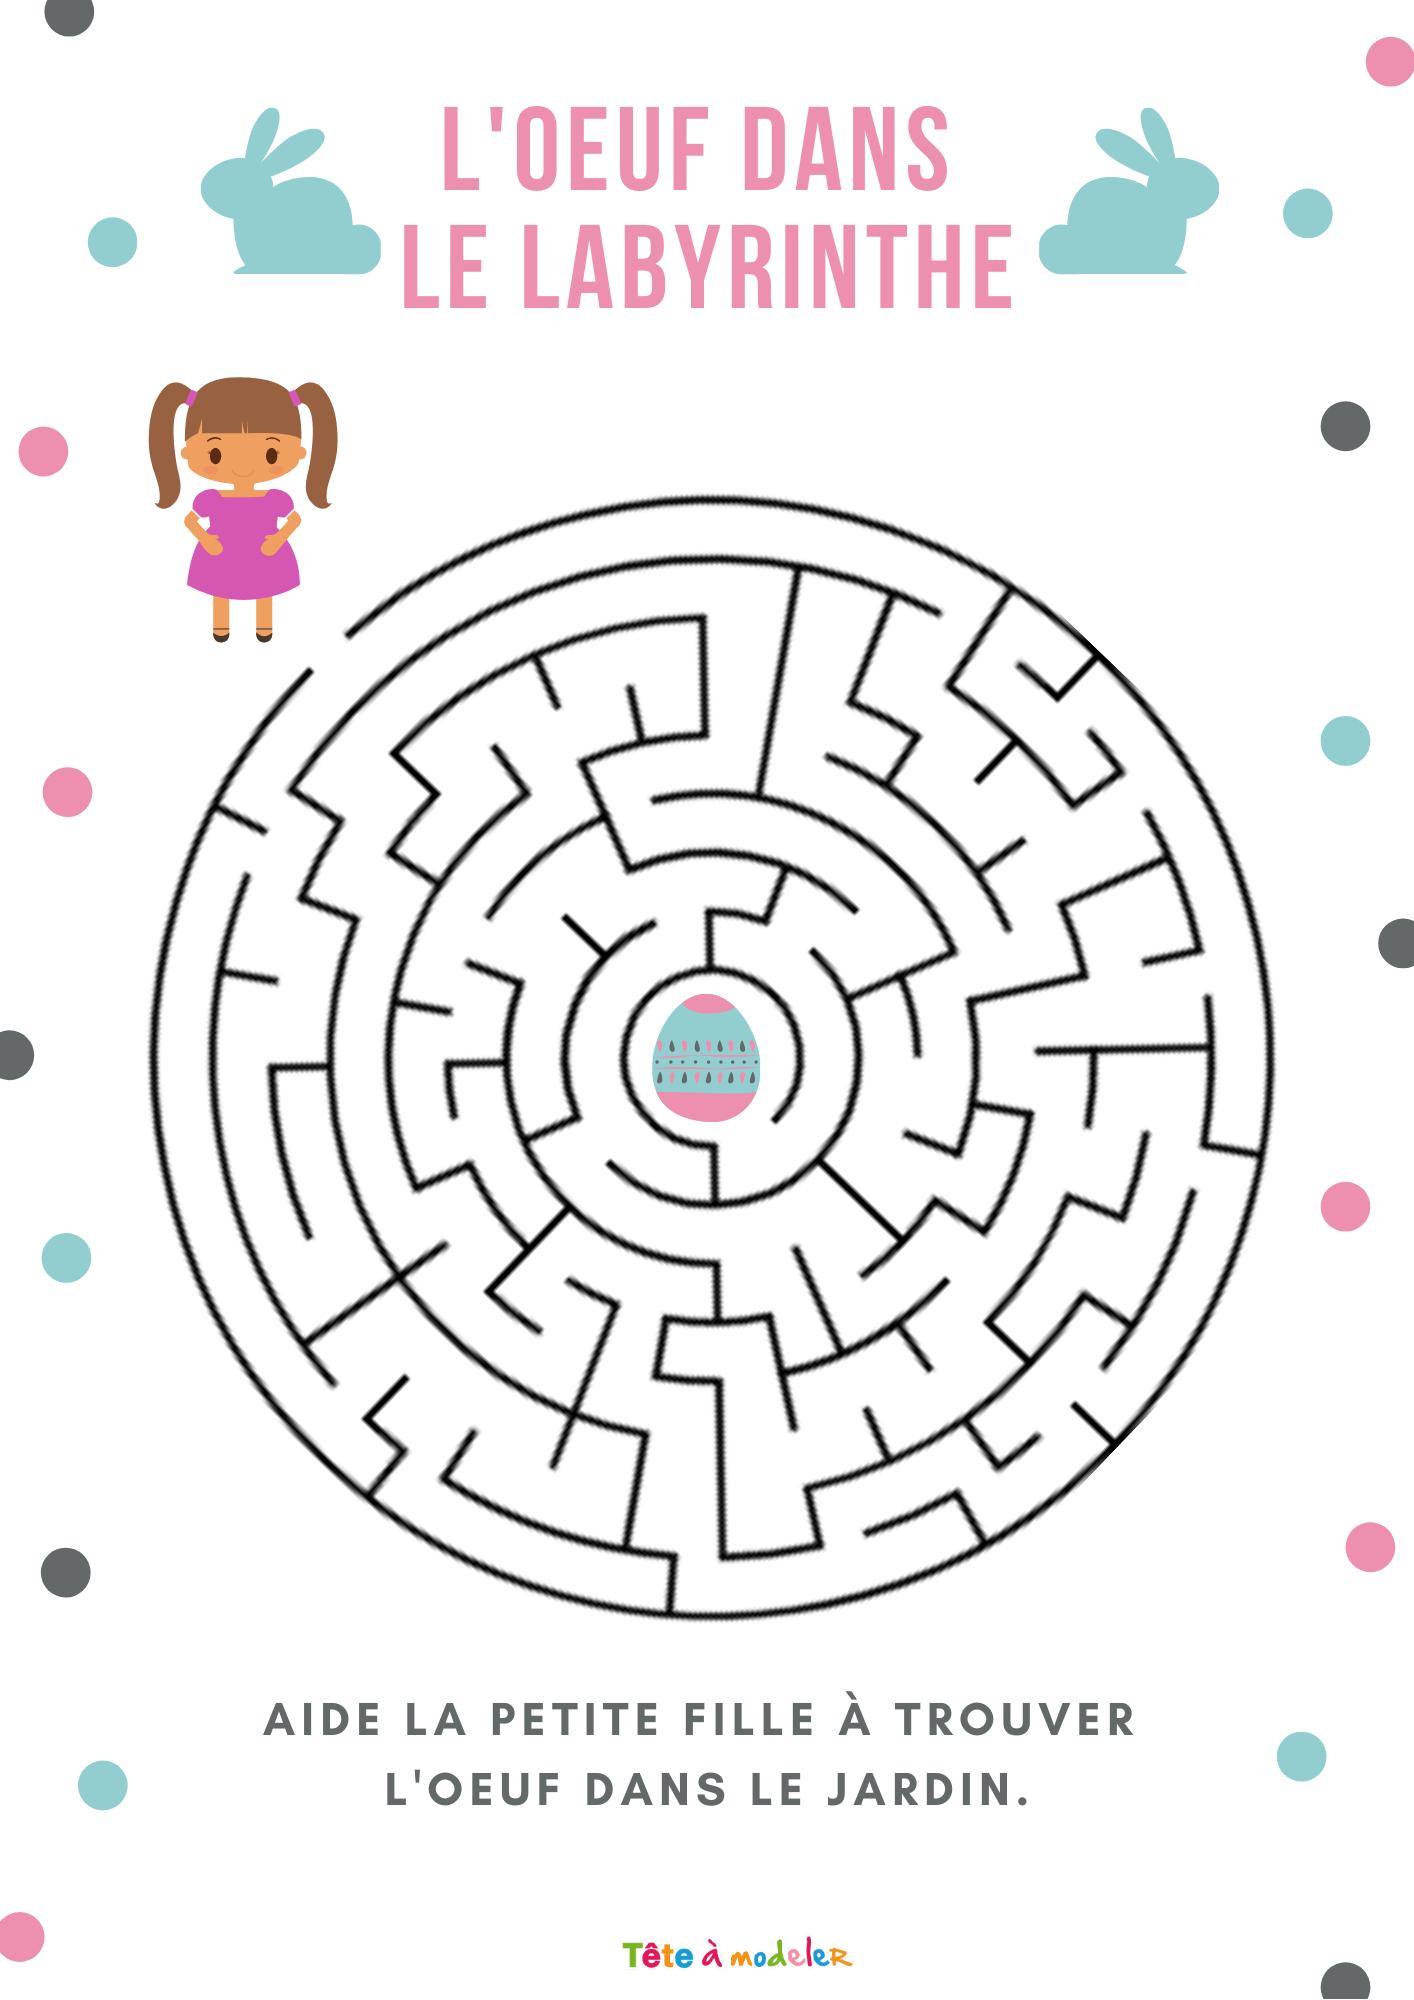 Jeu De Labyrinthe : L'oeuf Dans Le Labyrinthe- Jeu Gratuit À tout Trouver Les Erreurs À Imprimer